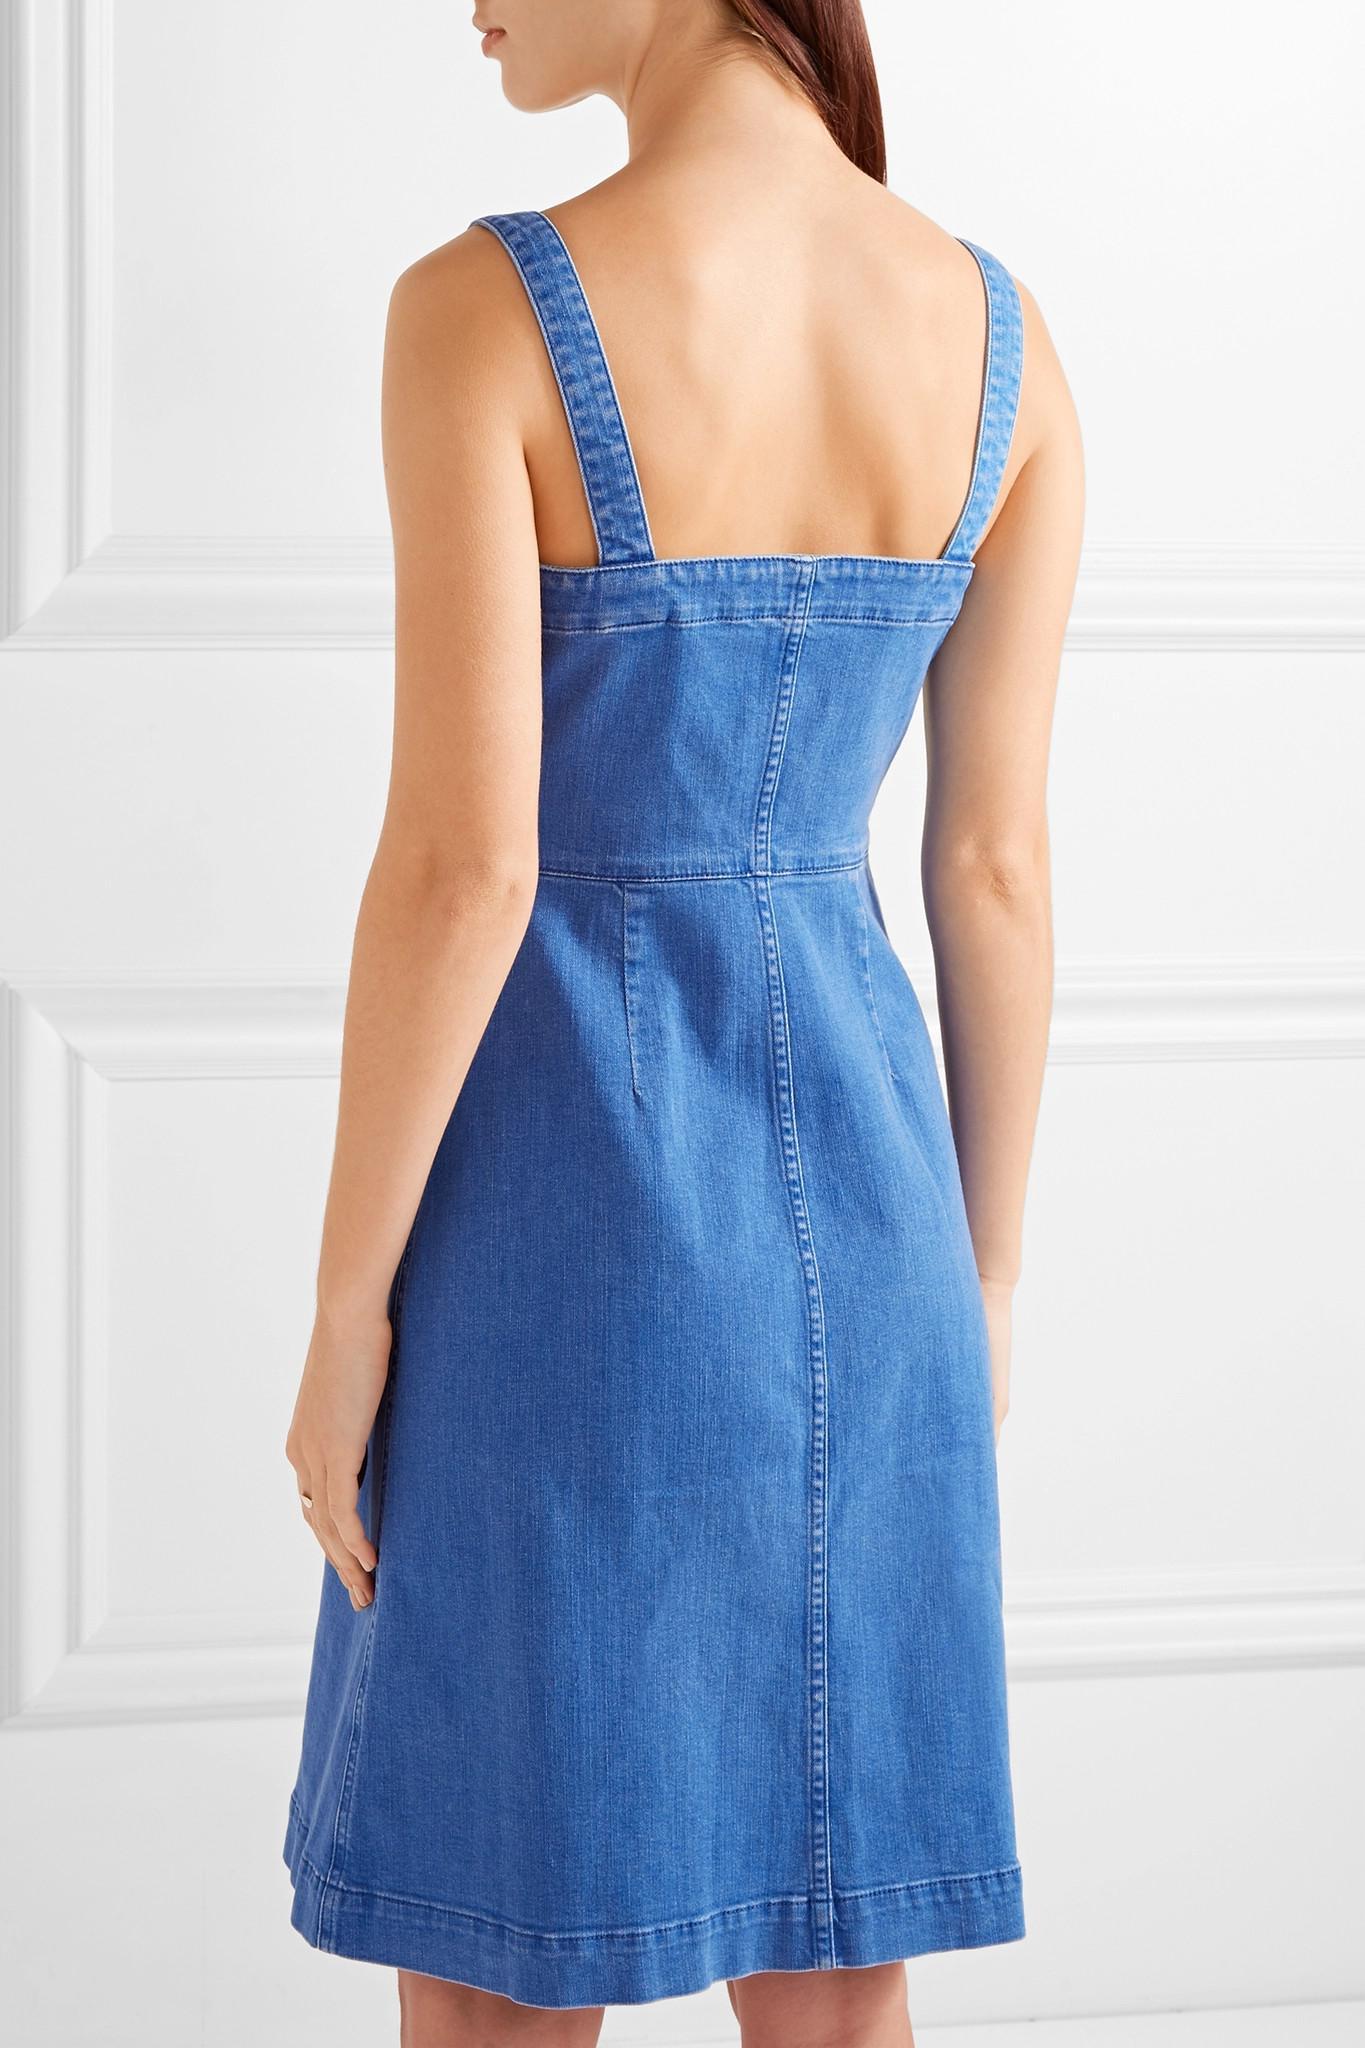 457cd6d3e6 Lyst - Stella mccartney Linda Stretch-denim Dress in Blue